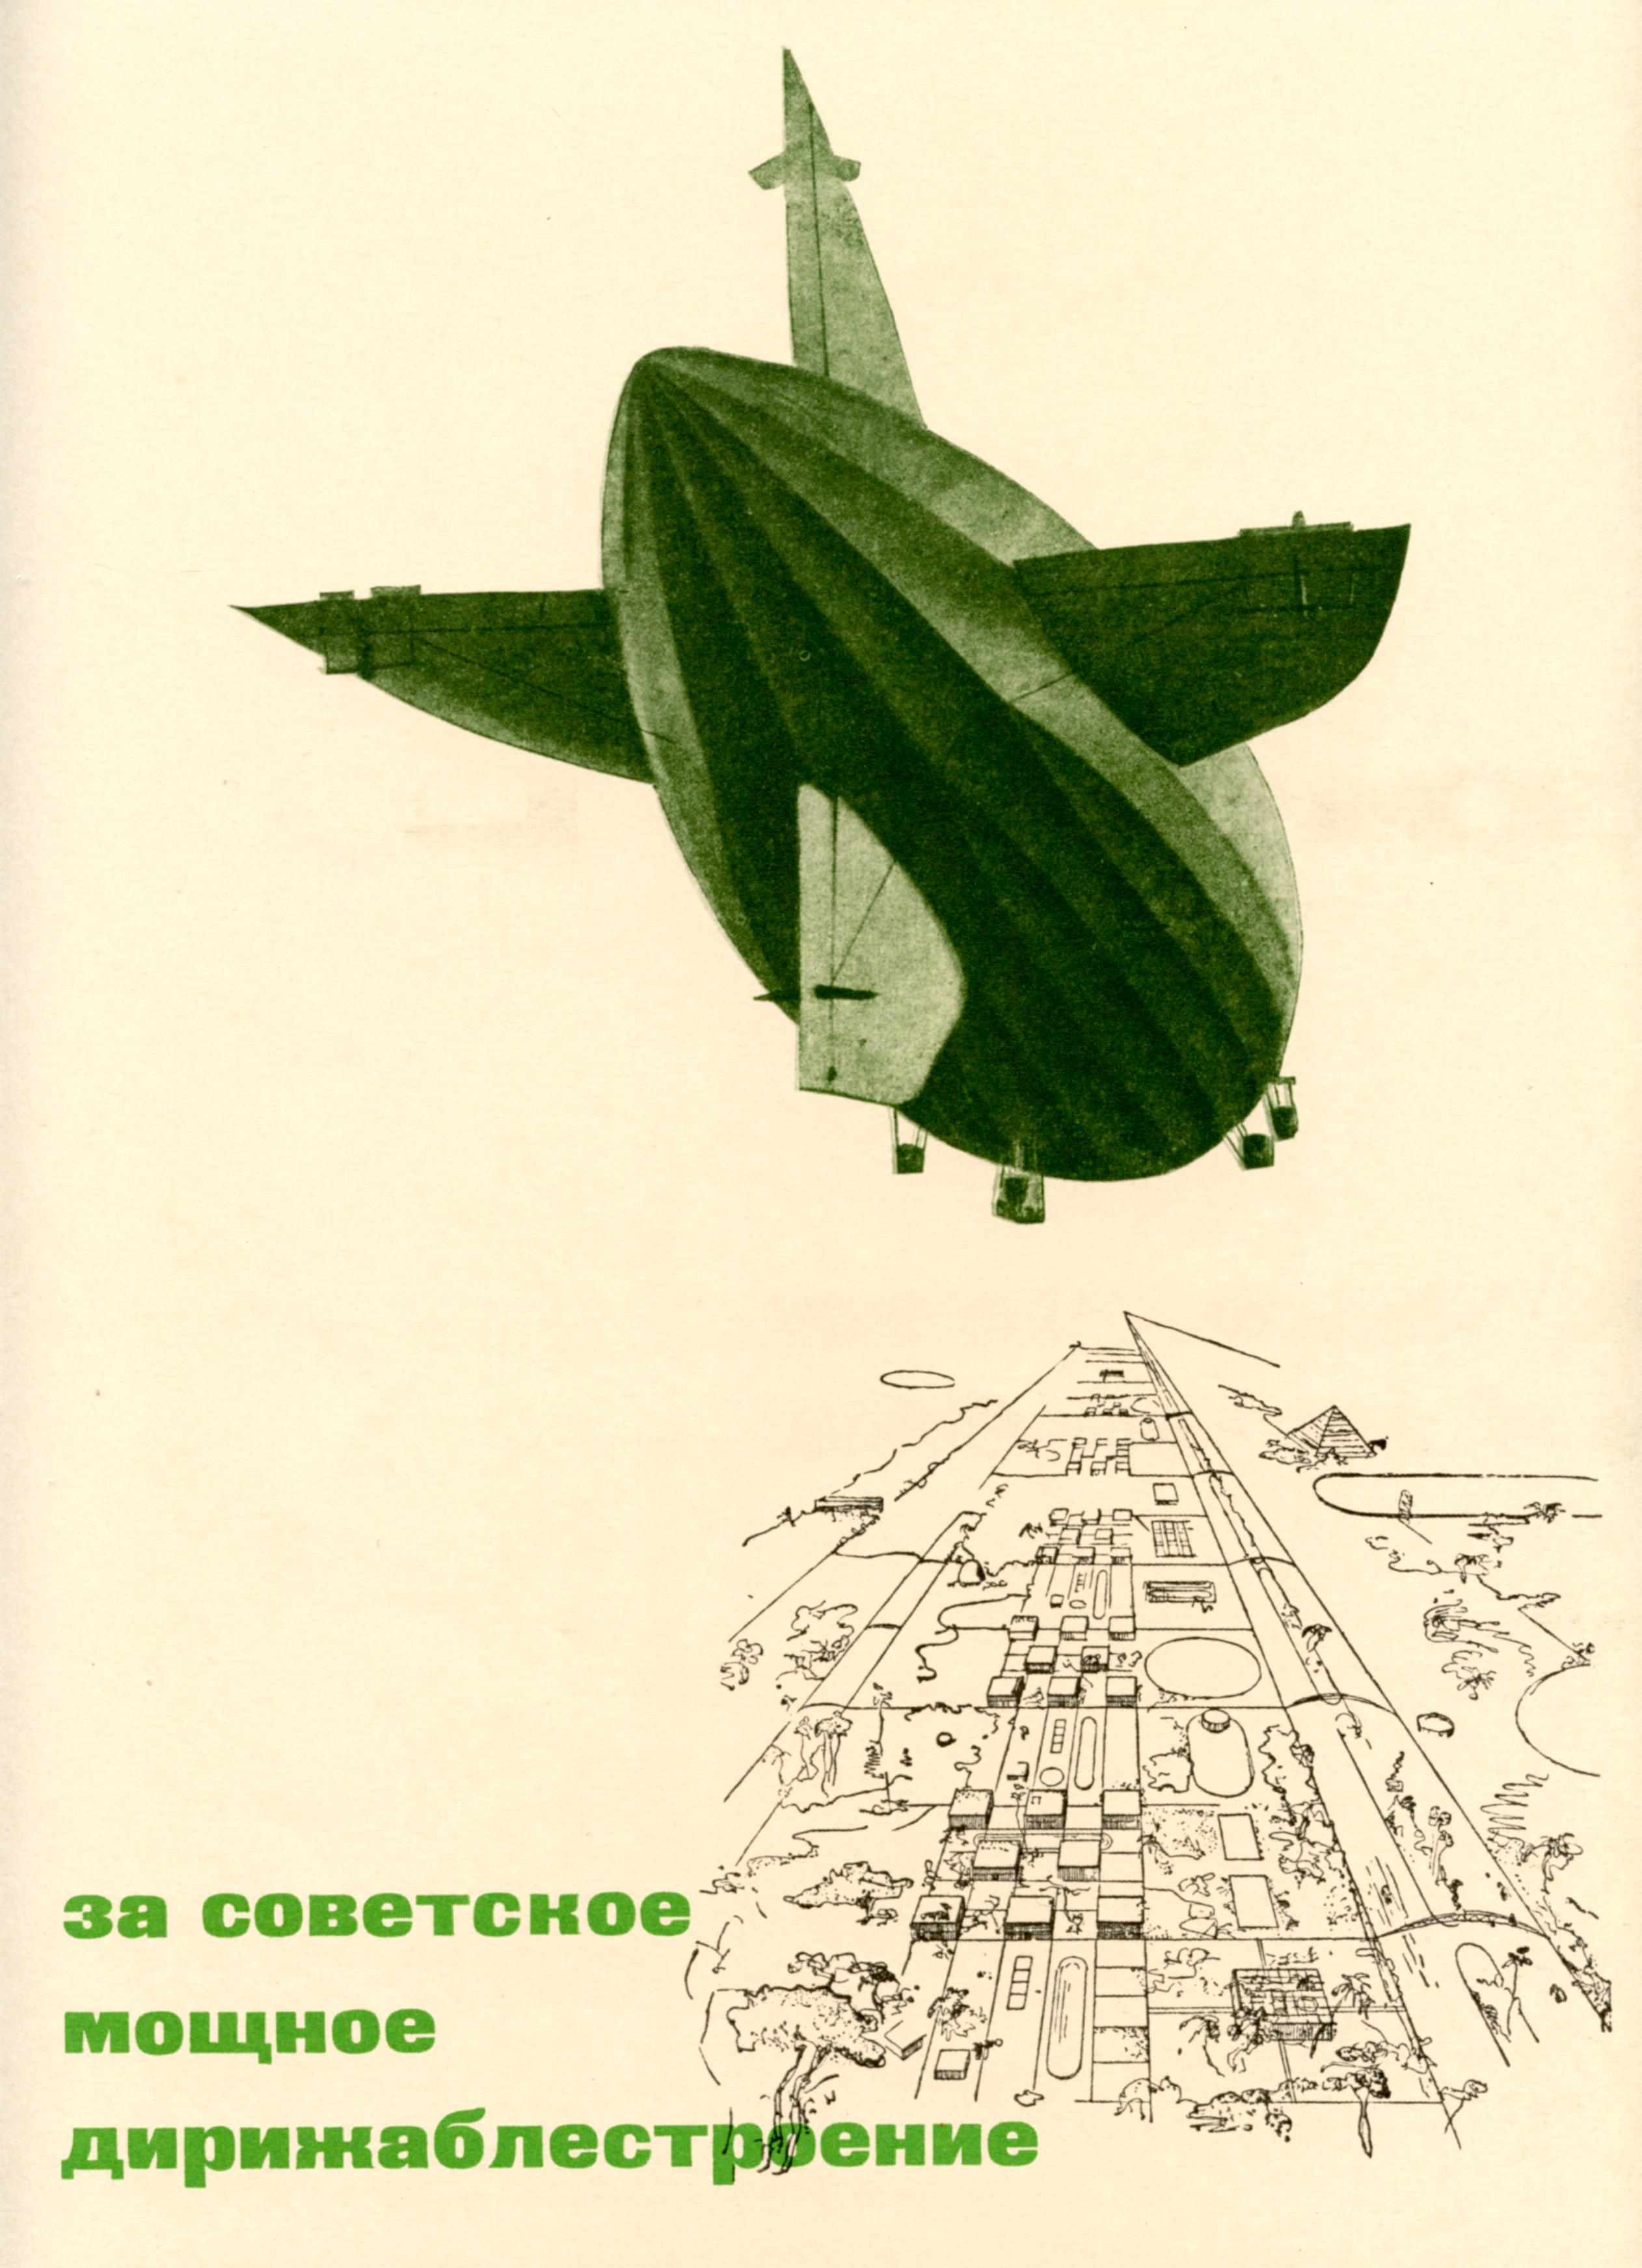 SA cover, 1930